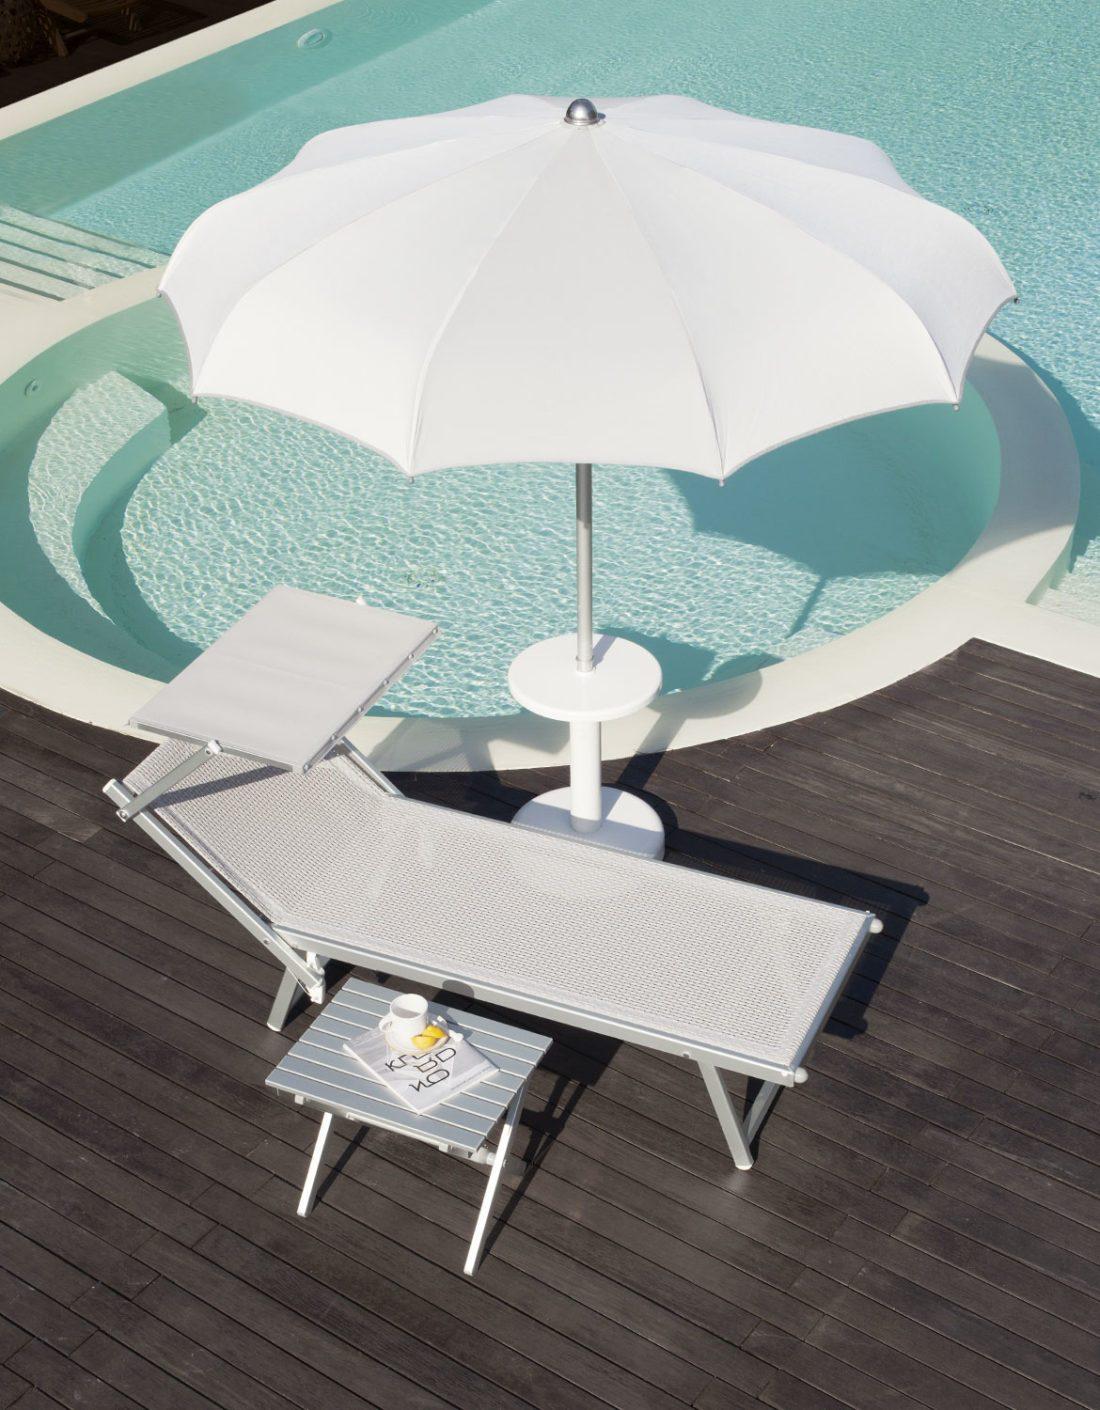 Ombrellone stecche curve - Tessitura Selva - arredi e attrezzatura da spiaggia e giardini